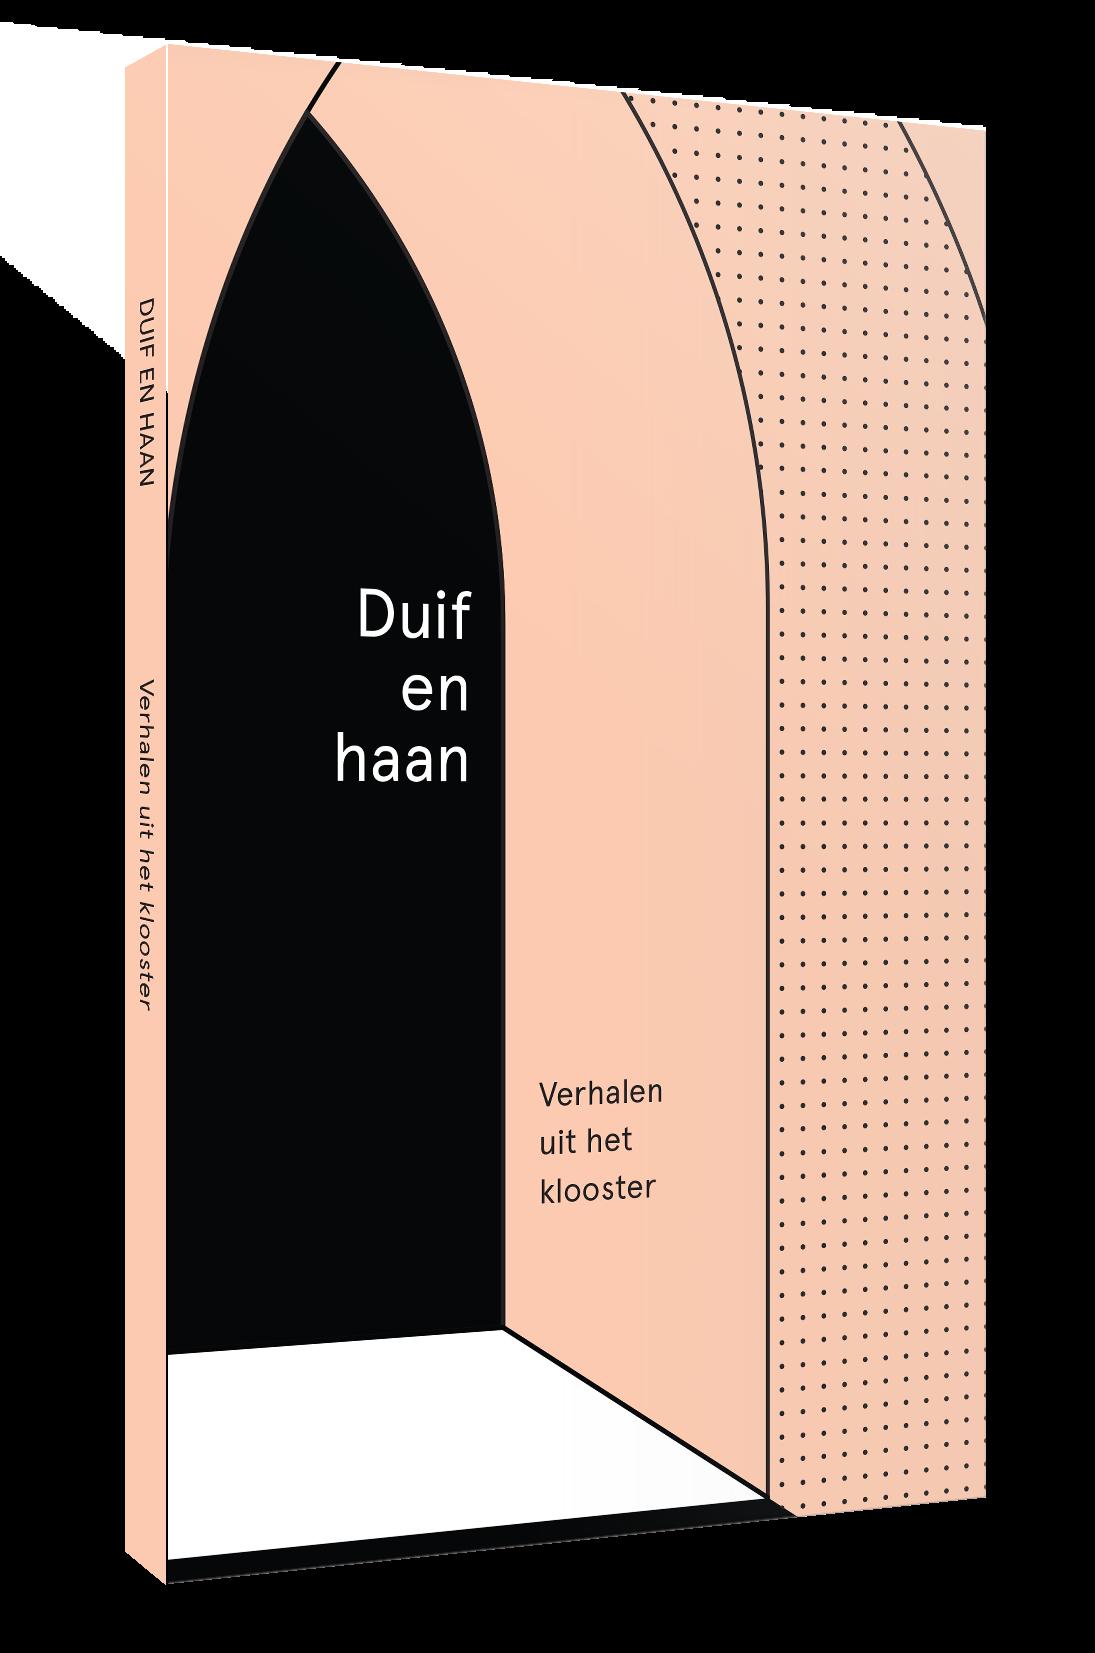 duif-en-haan-cover